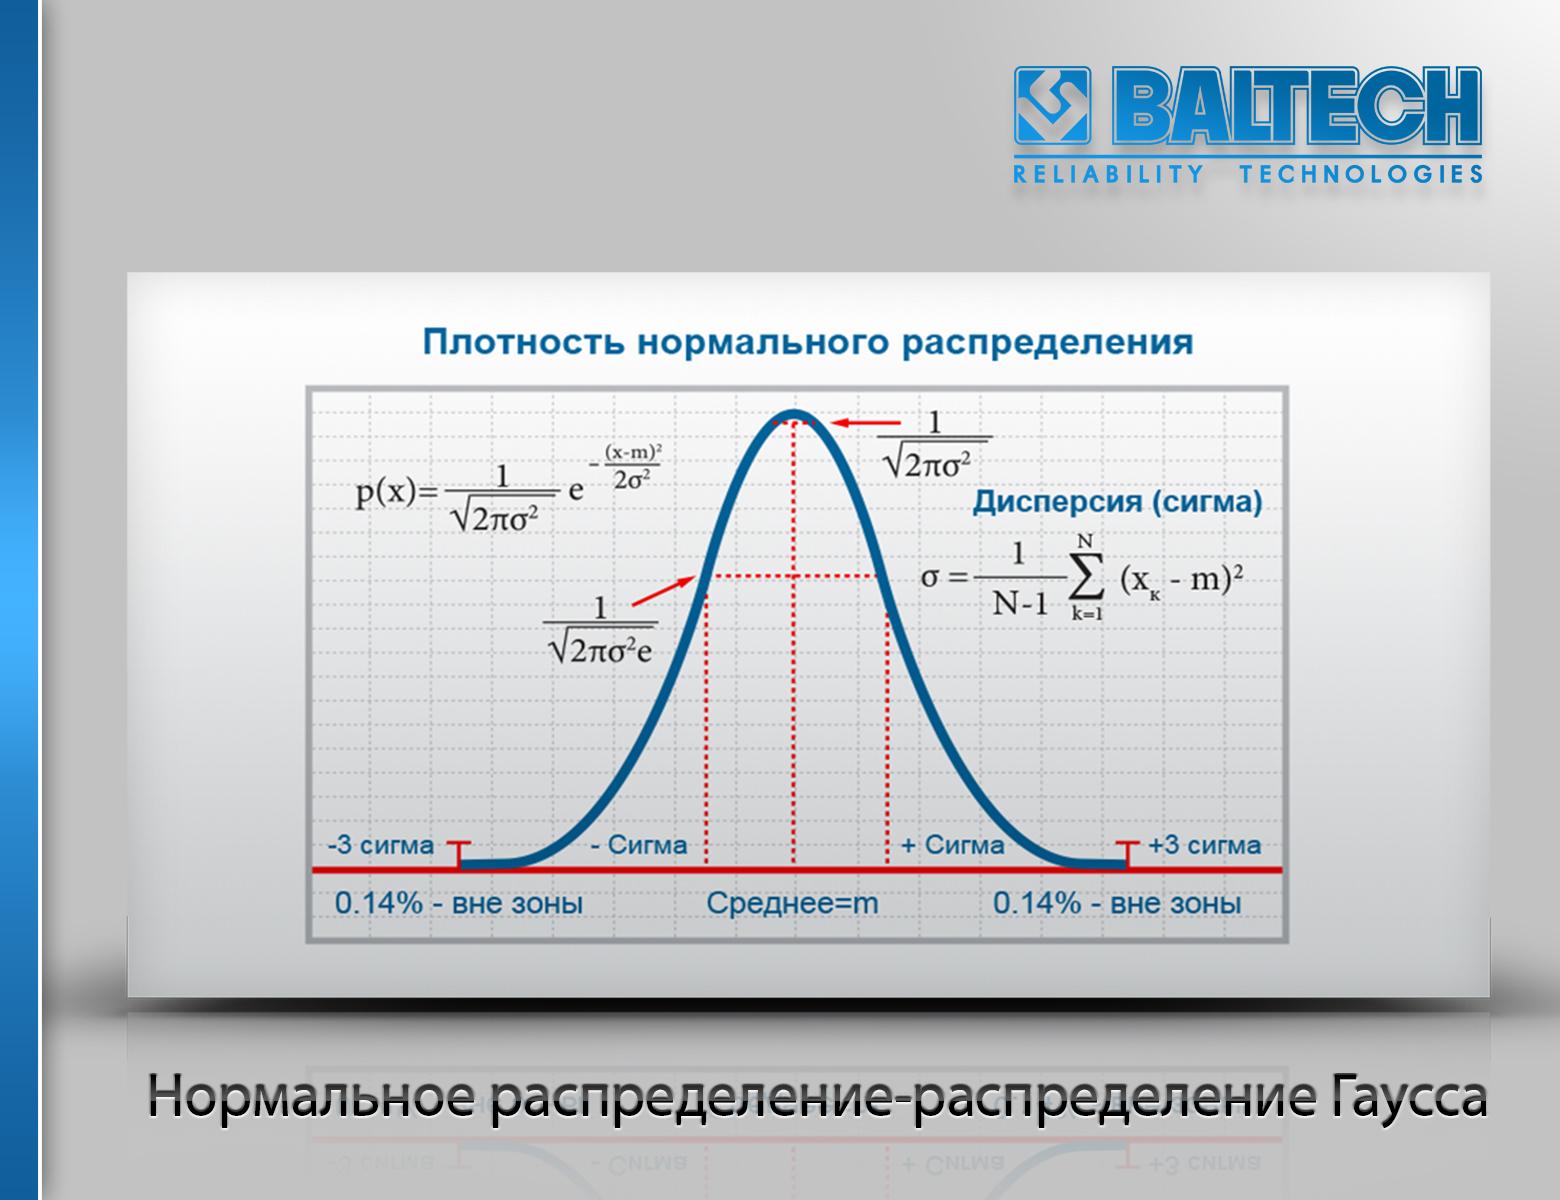 Нормальное распределение-распределение Гаусса, метод эксцесса, методы диагностики